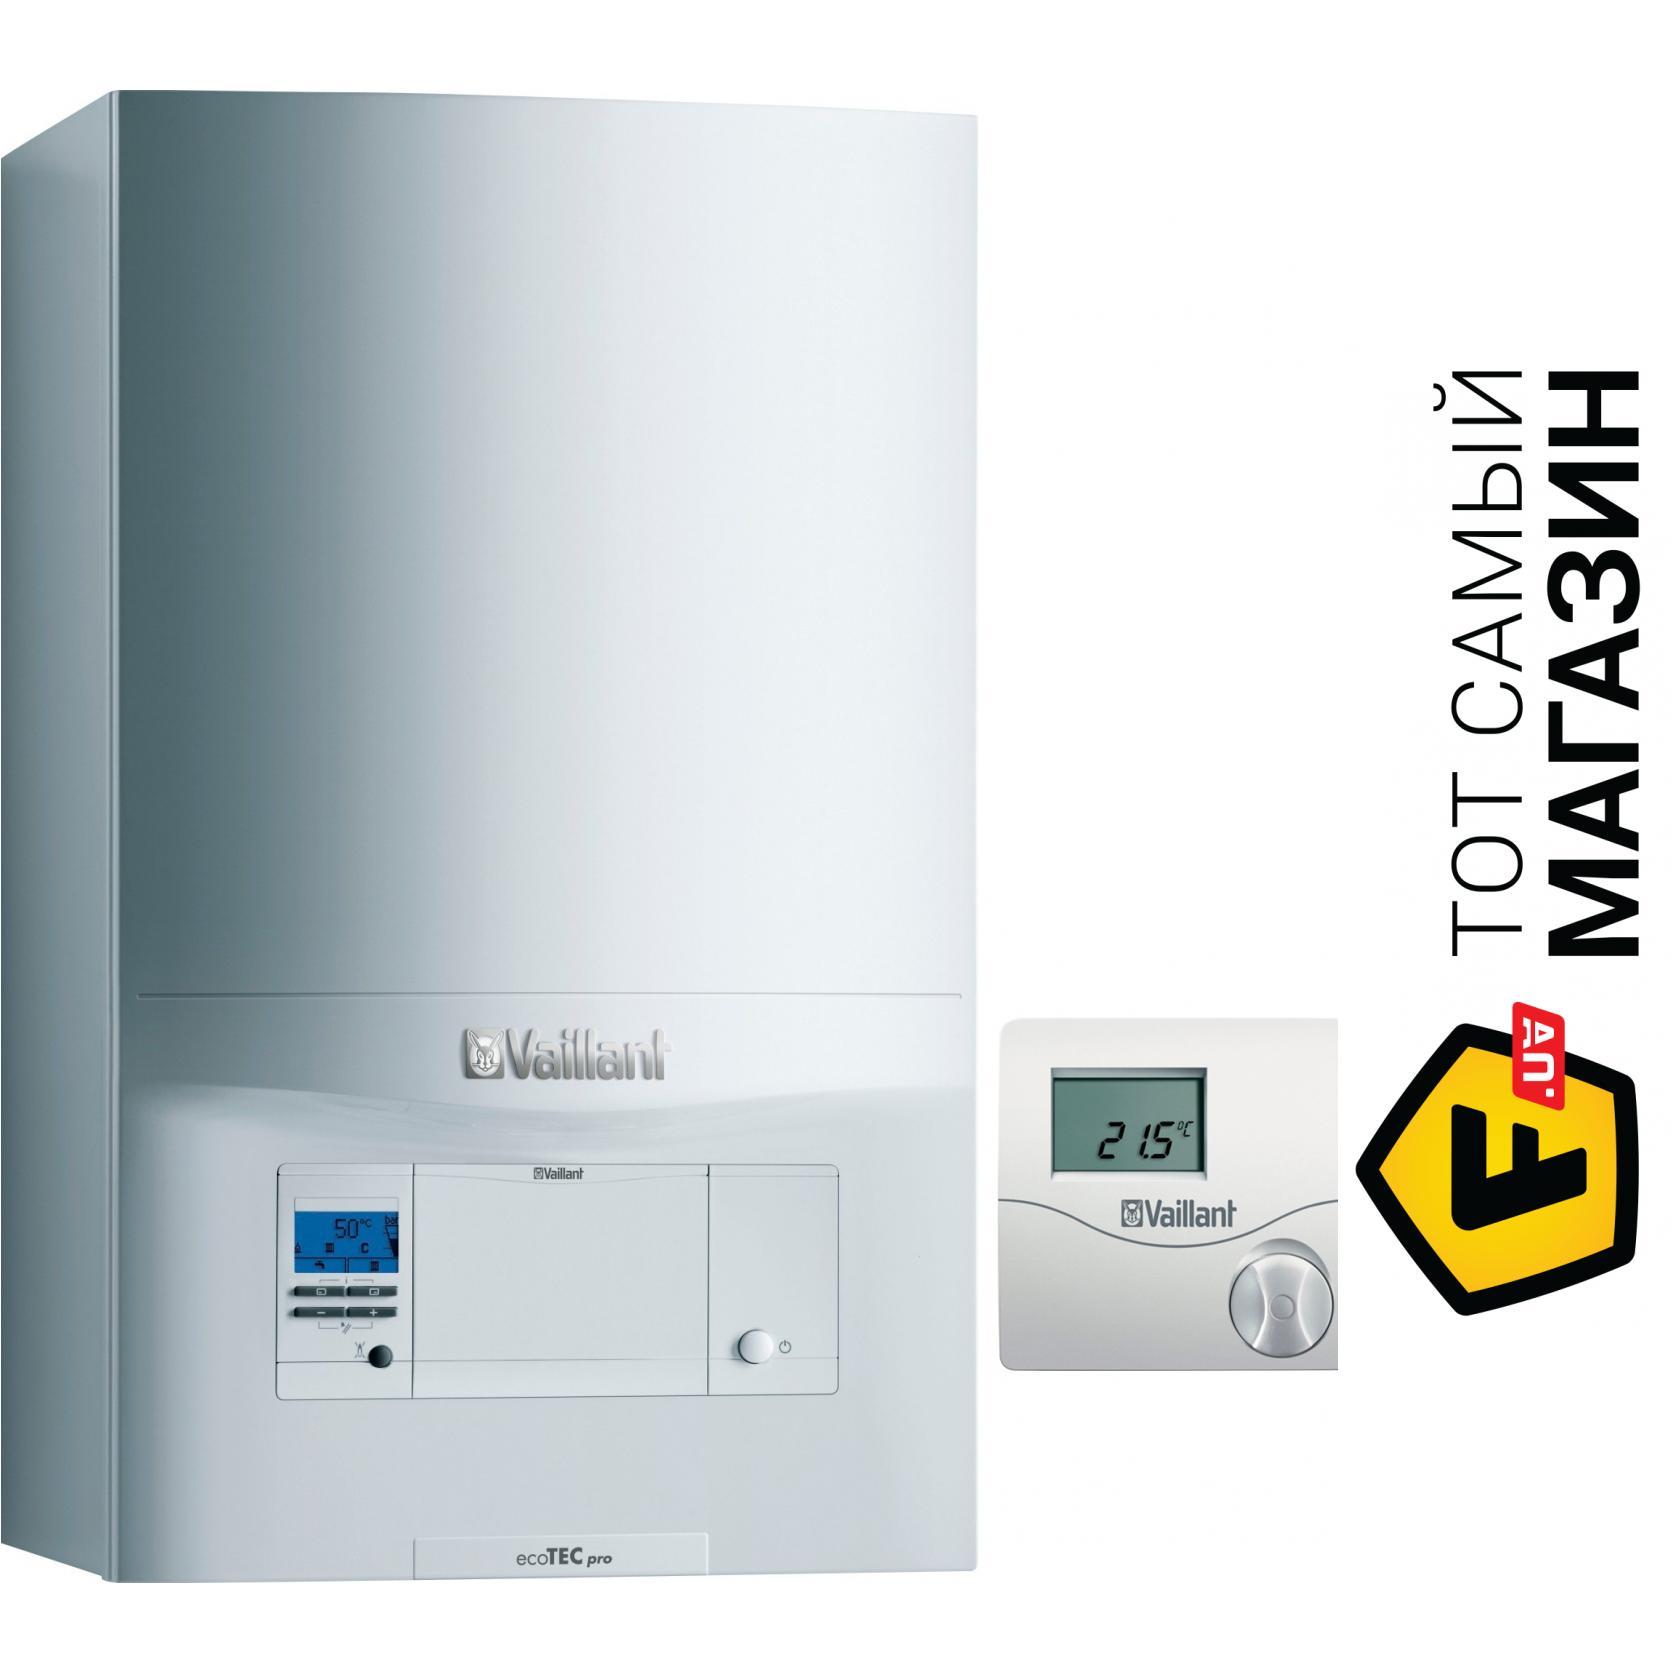 Vaillant Ecotec Pro Vuw Int 286 5 3 0020018266